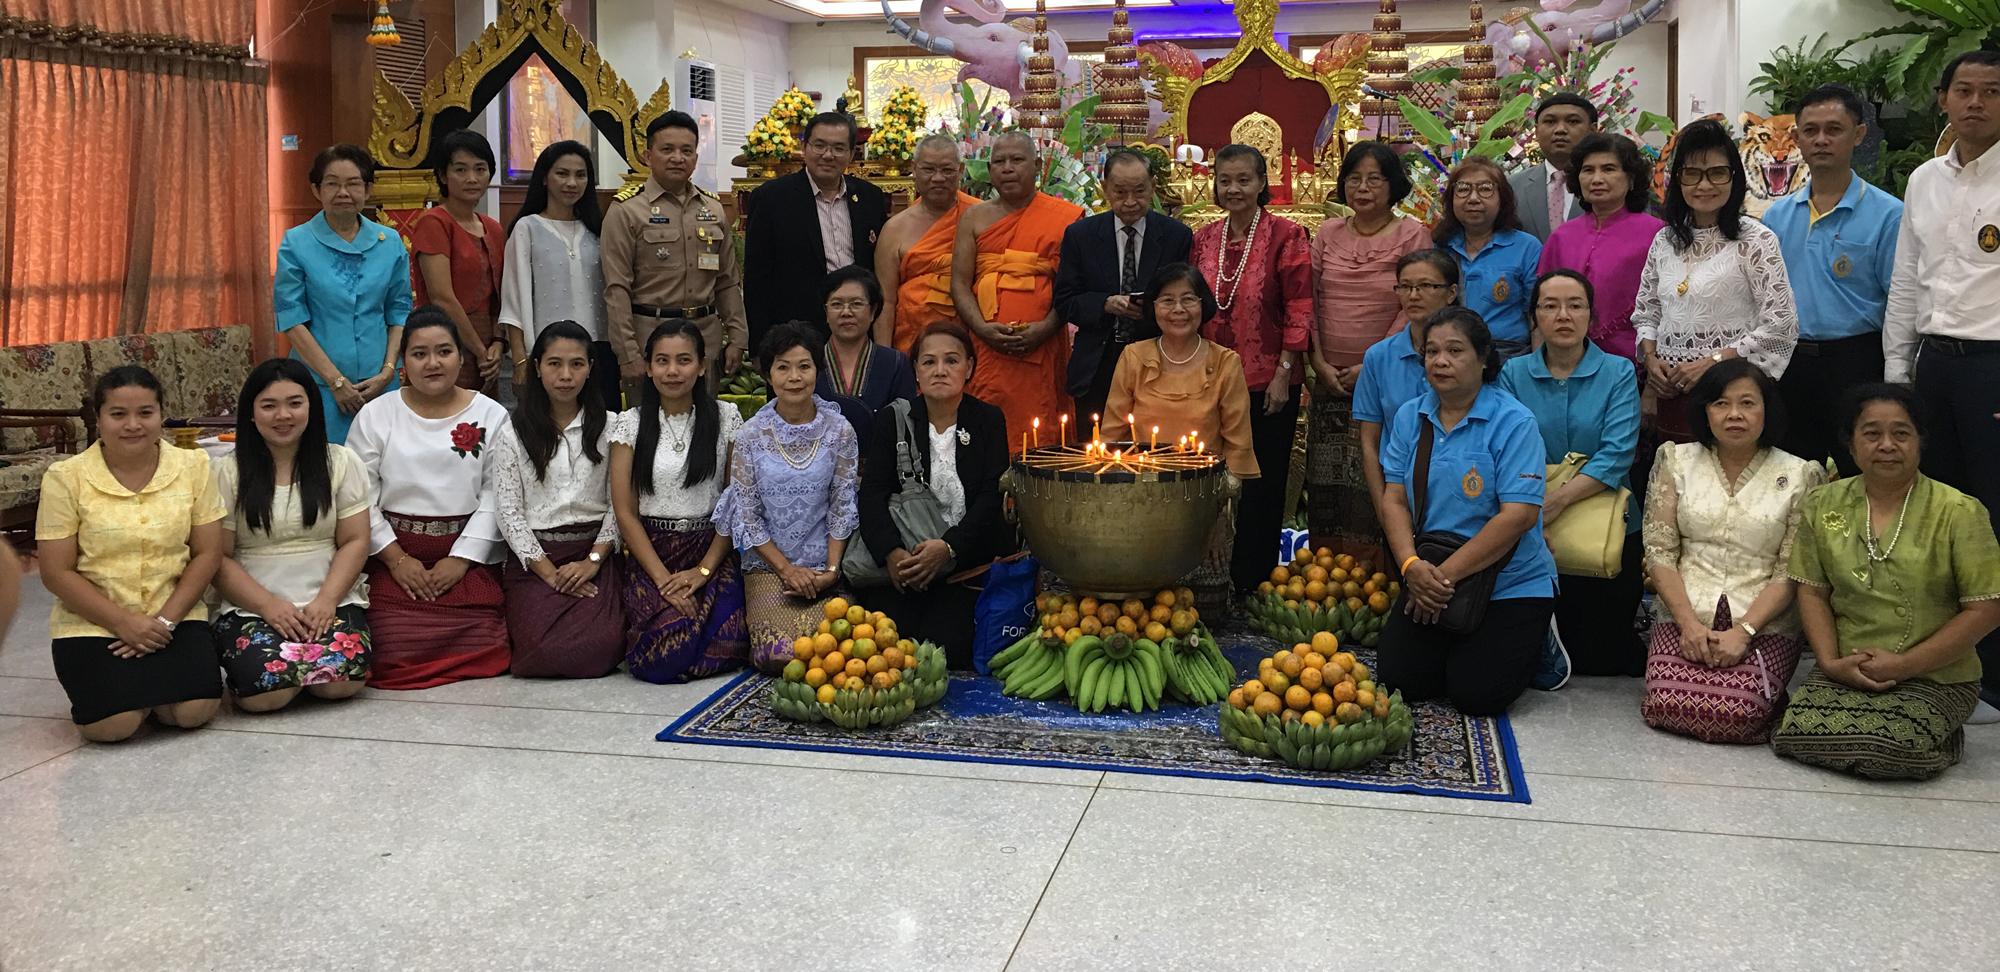 สมาคมครูภาษาไทยแห่งประเทศ ร่วมเป็นเจ้าภาพการเทศน์มหาชาติ กัณฑ์ทศพร